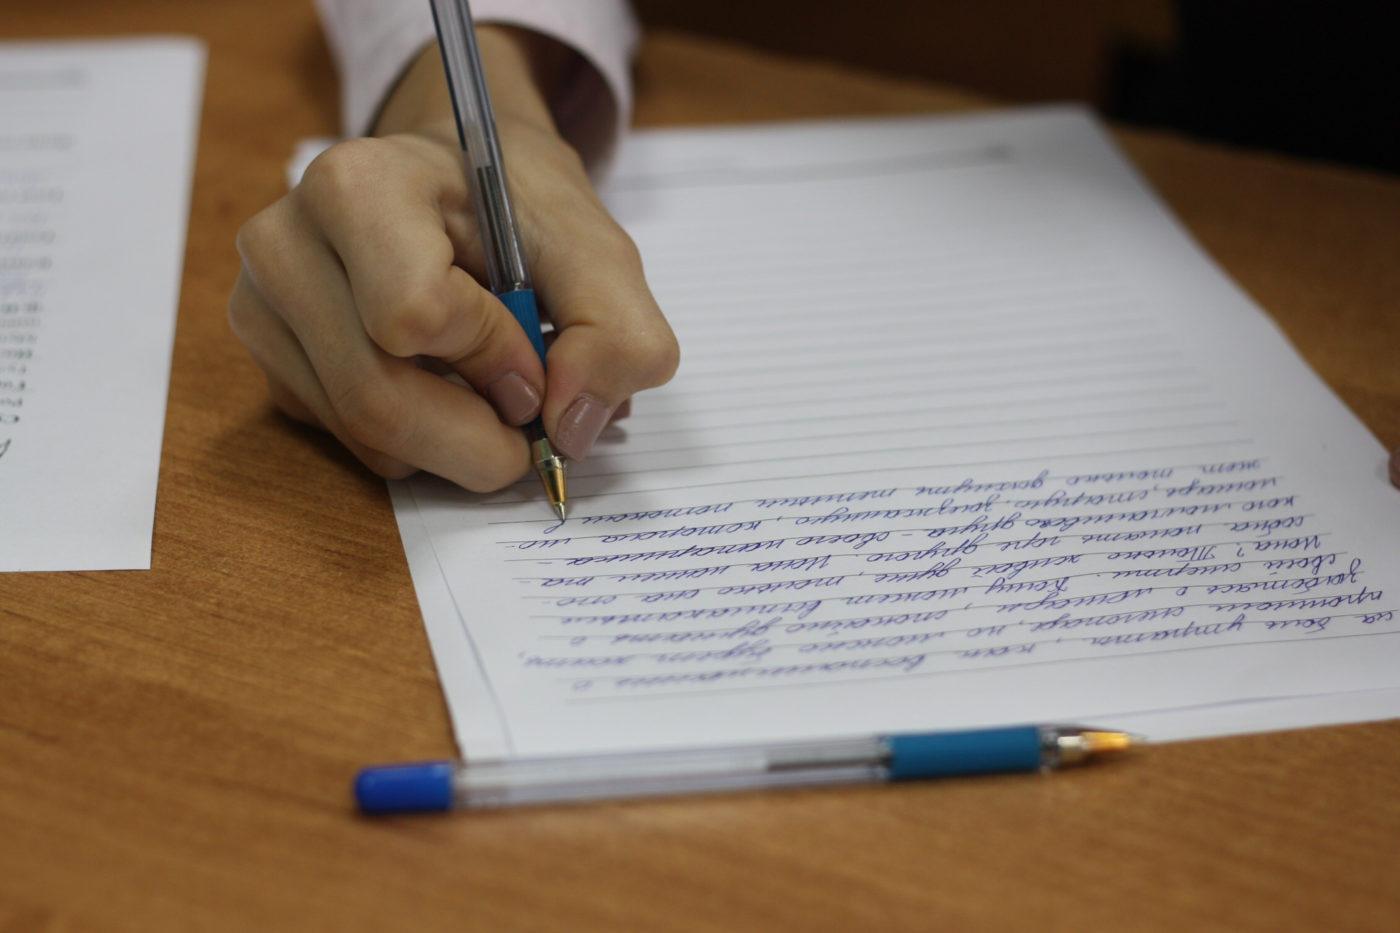 Выпускник 2022 – опубликованы направления тем итогового сочинения в 2021/2022 учебном году и комментарии к ним